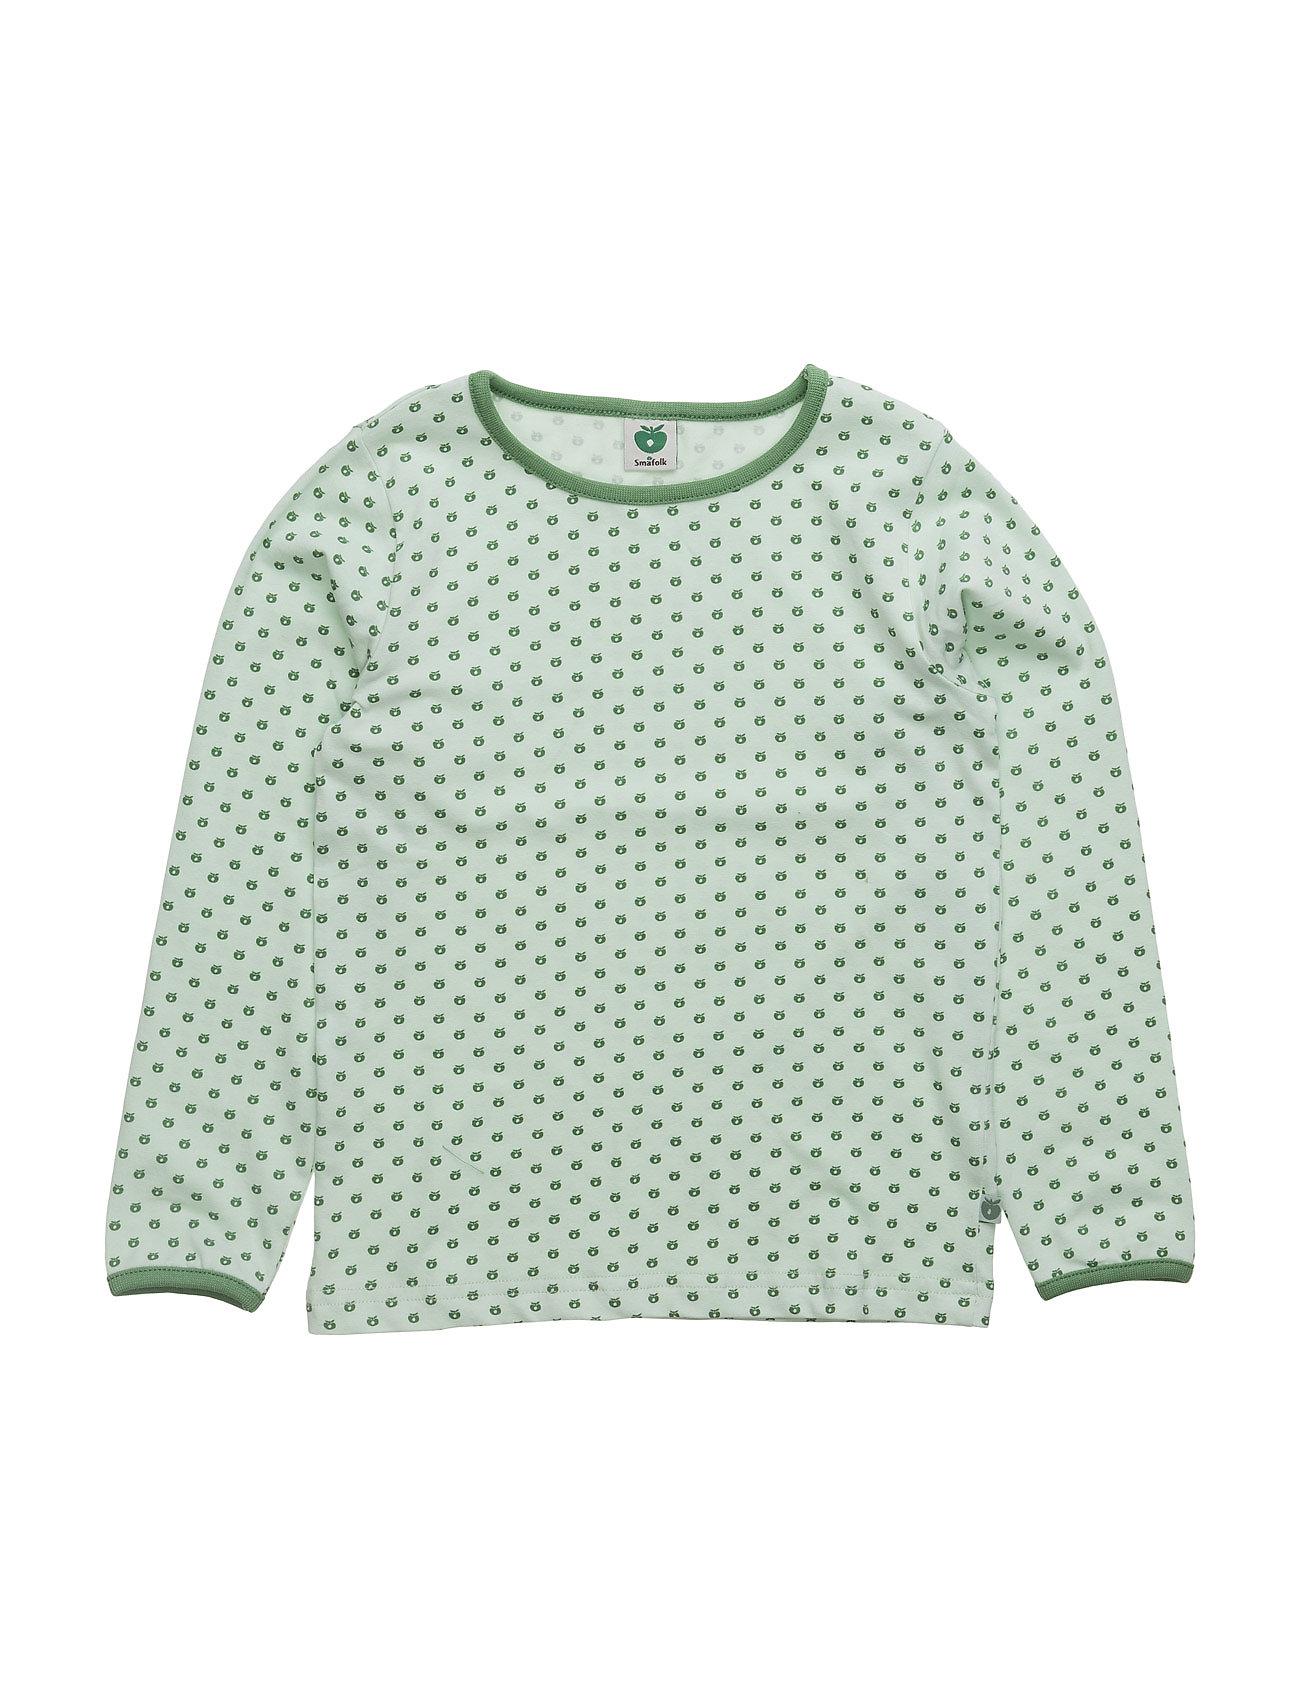 T-Shirt Ls. Micro Apples Småfolk Langærmede t-shirts til Børn i